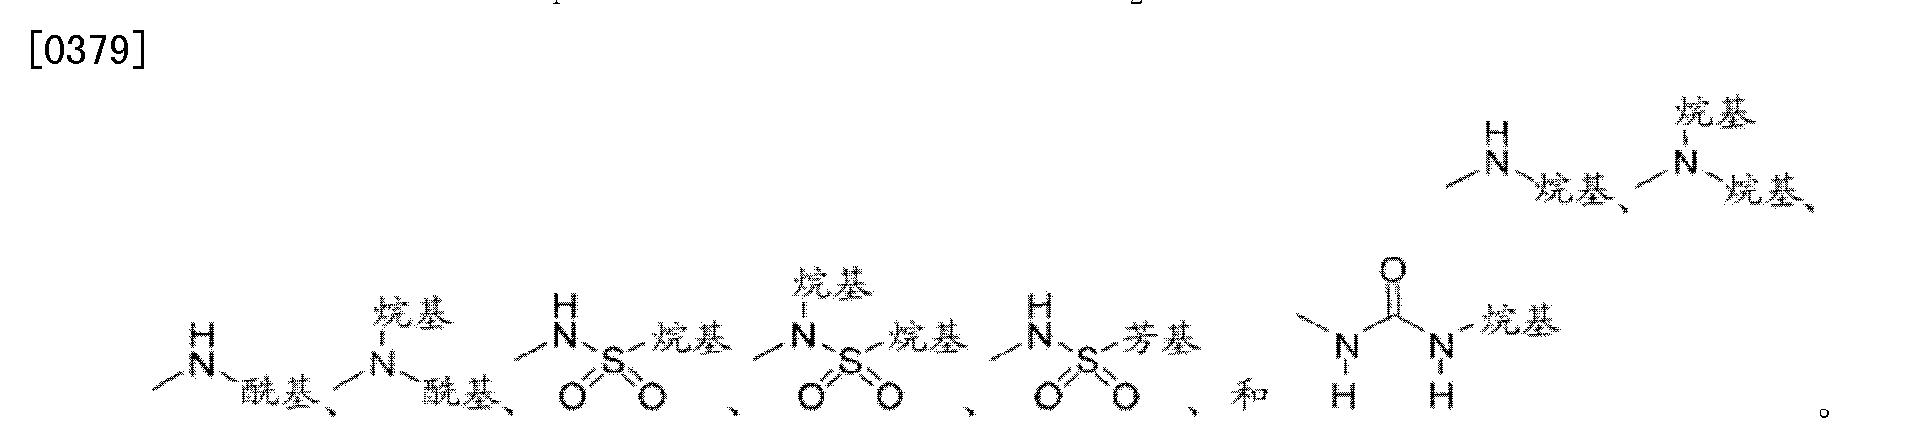 Figure CN102448458BD00583